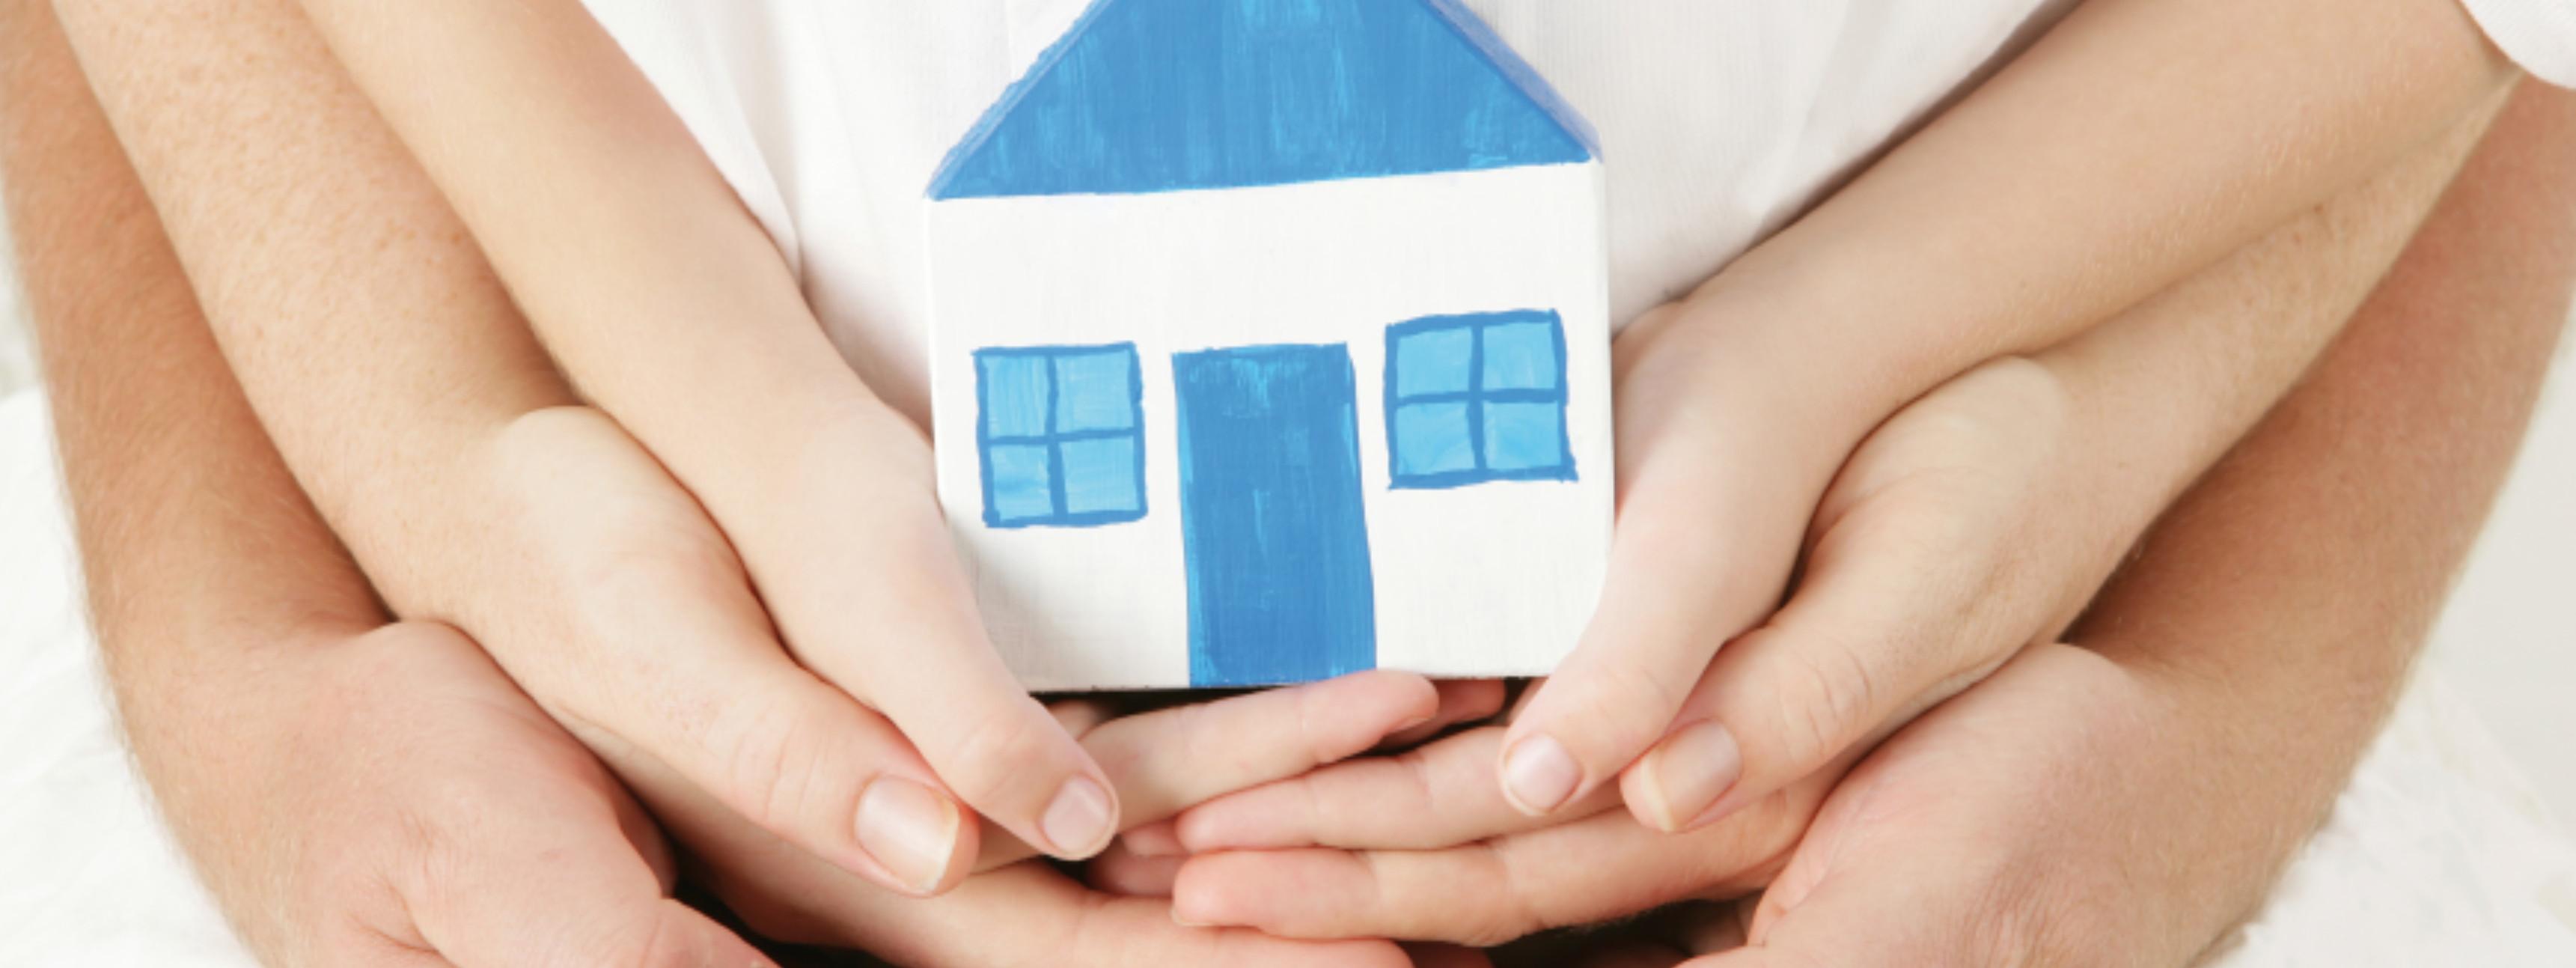 Разрешение опеки для продажи квартиры